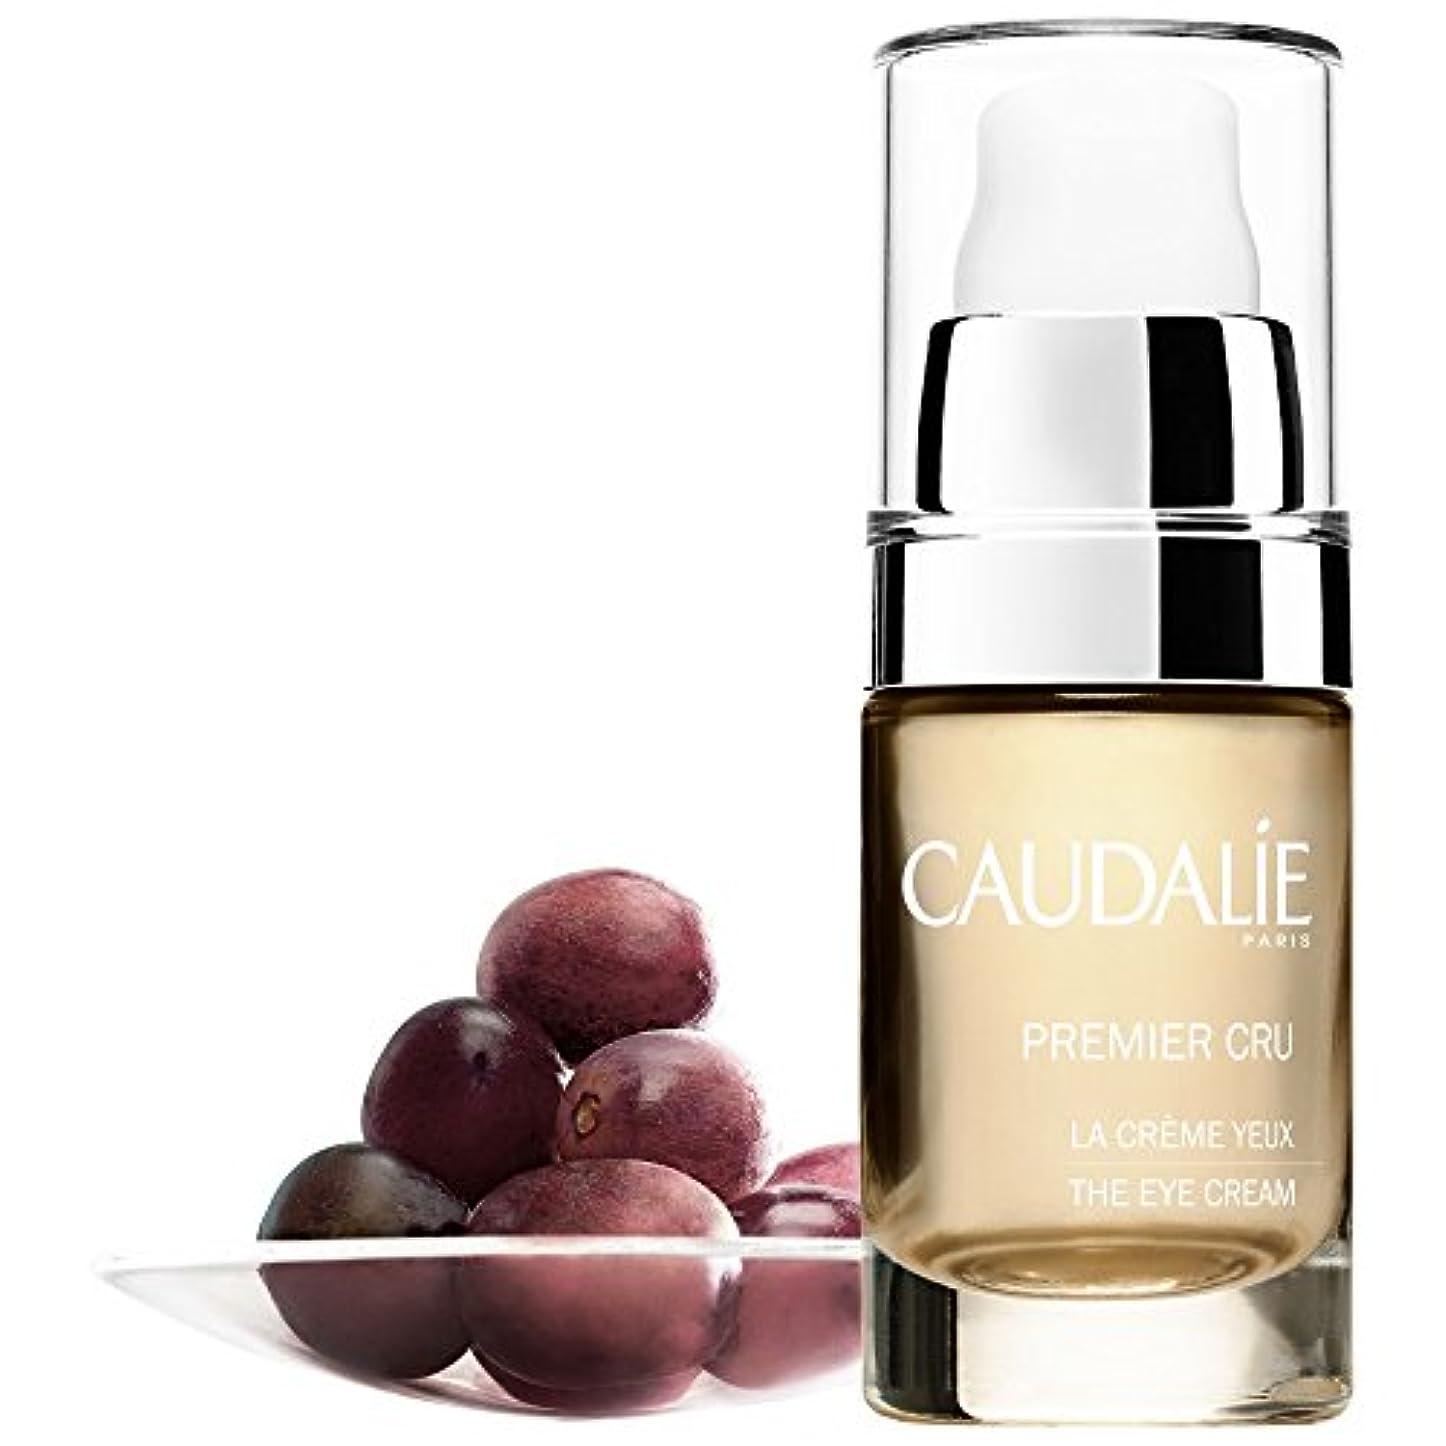 バリアバランスタールCaudialieプレミアは、アイクリーム15ミリリットルをCru (Caudalie) - Caudialie Premier Cru The Eye Cream 15ml [並行輸入品]